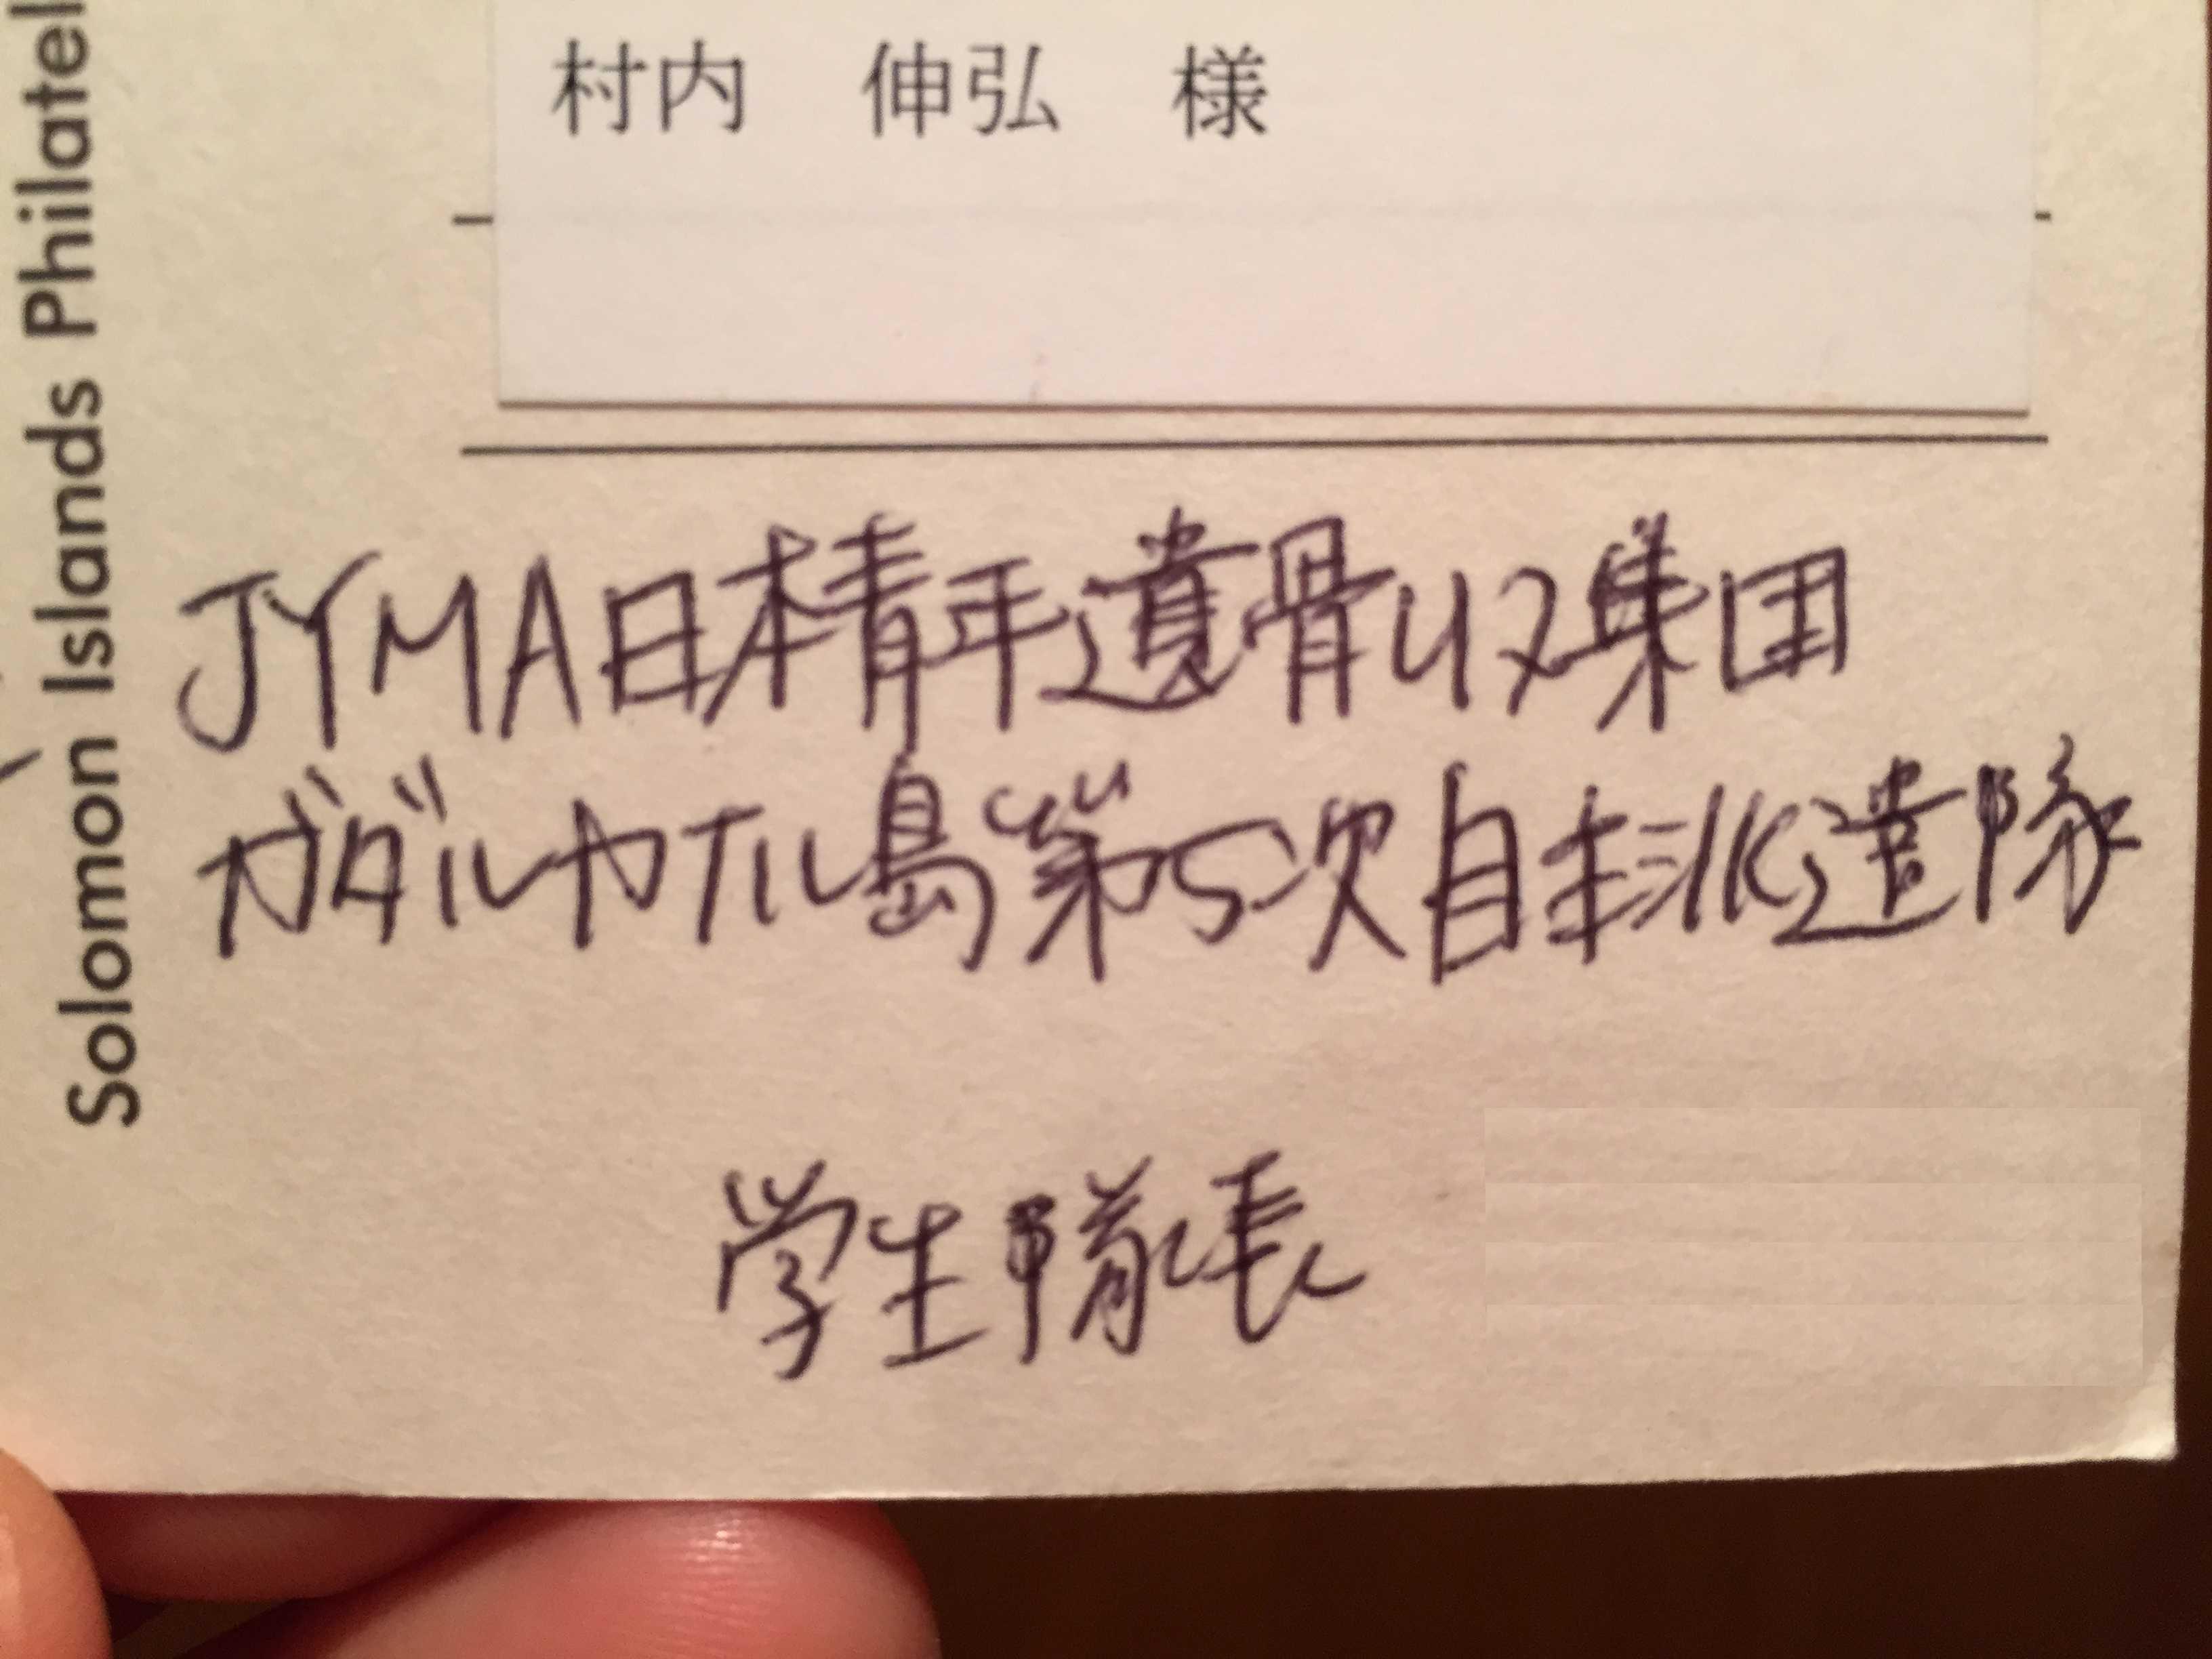 JYMA 日本青年遺骨収集団 ガダルカナル島 第5次自主派遣隊